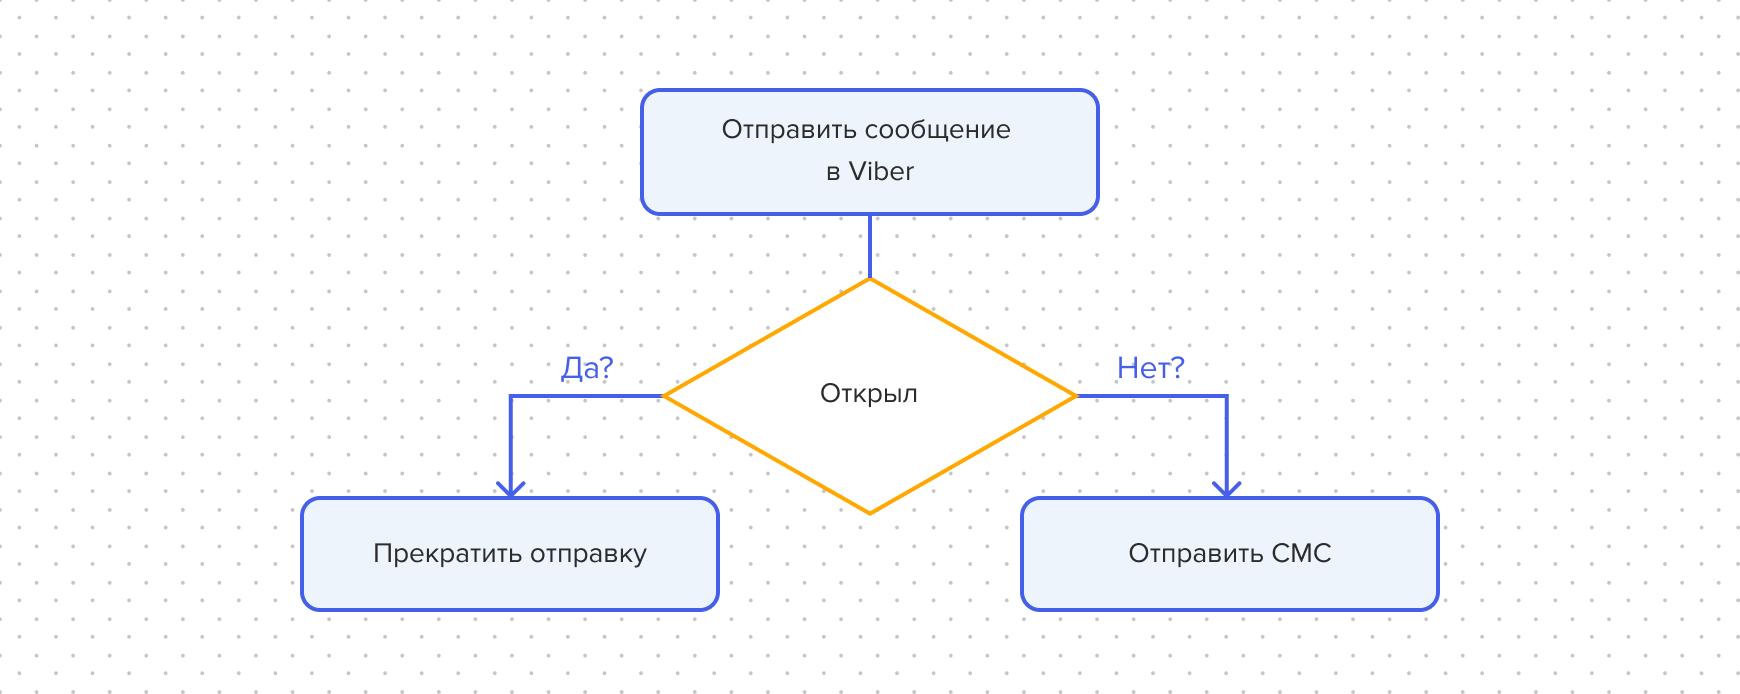 Схема рассылки